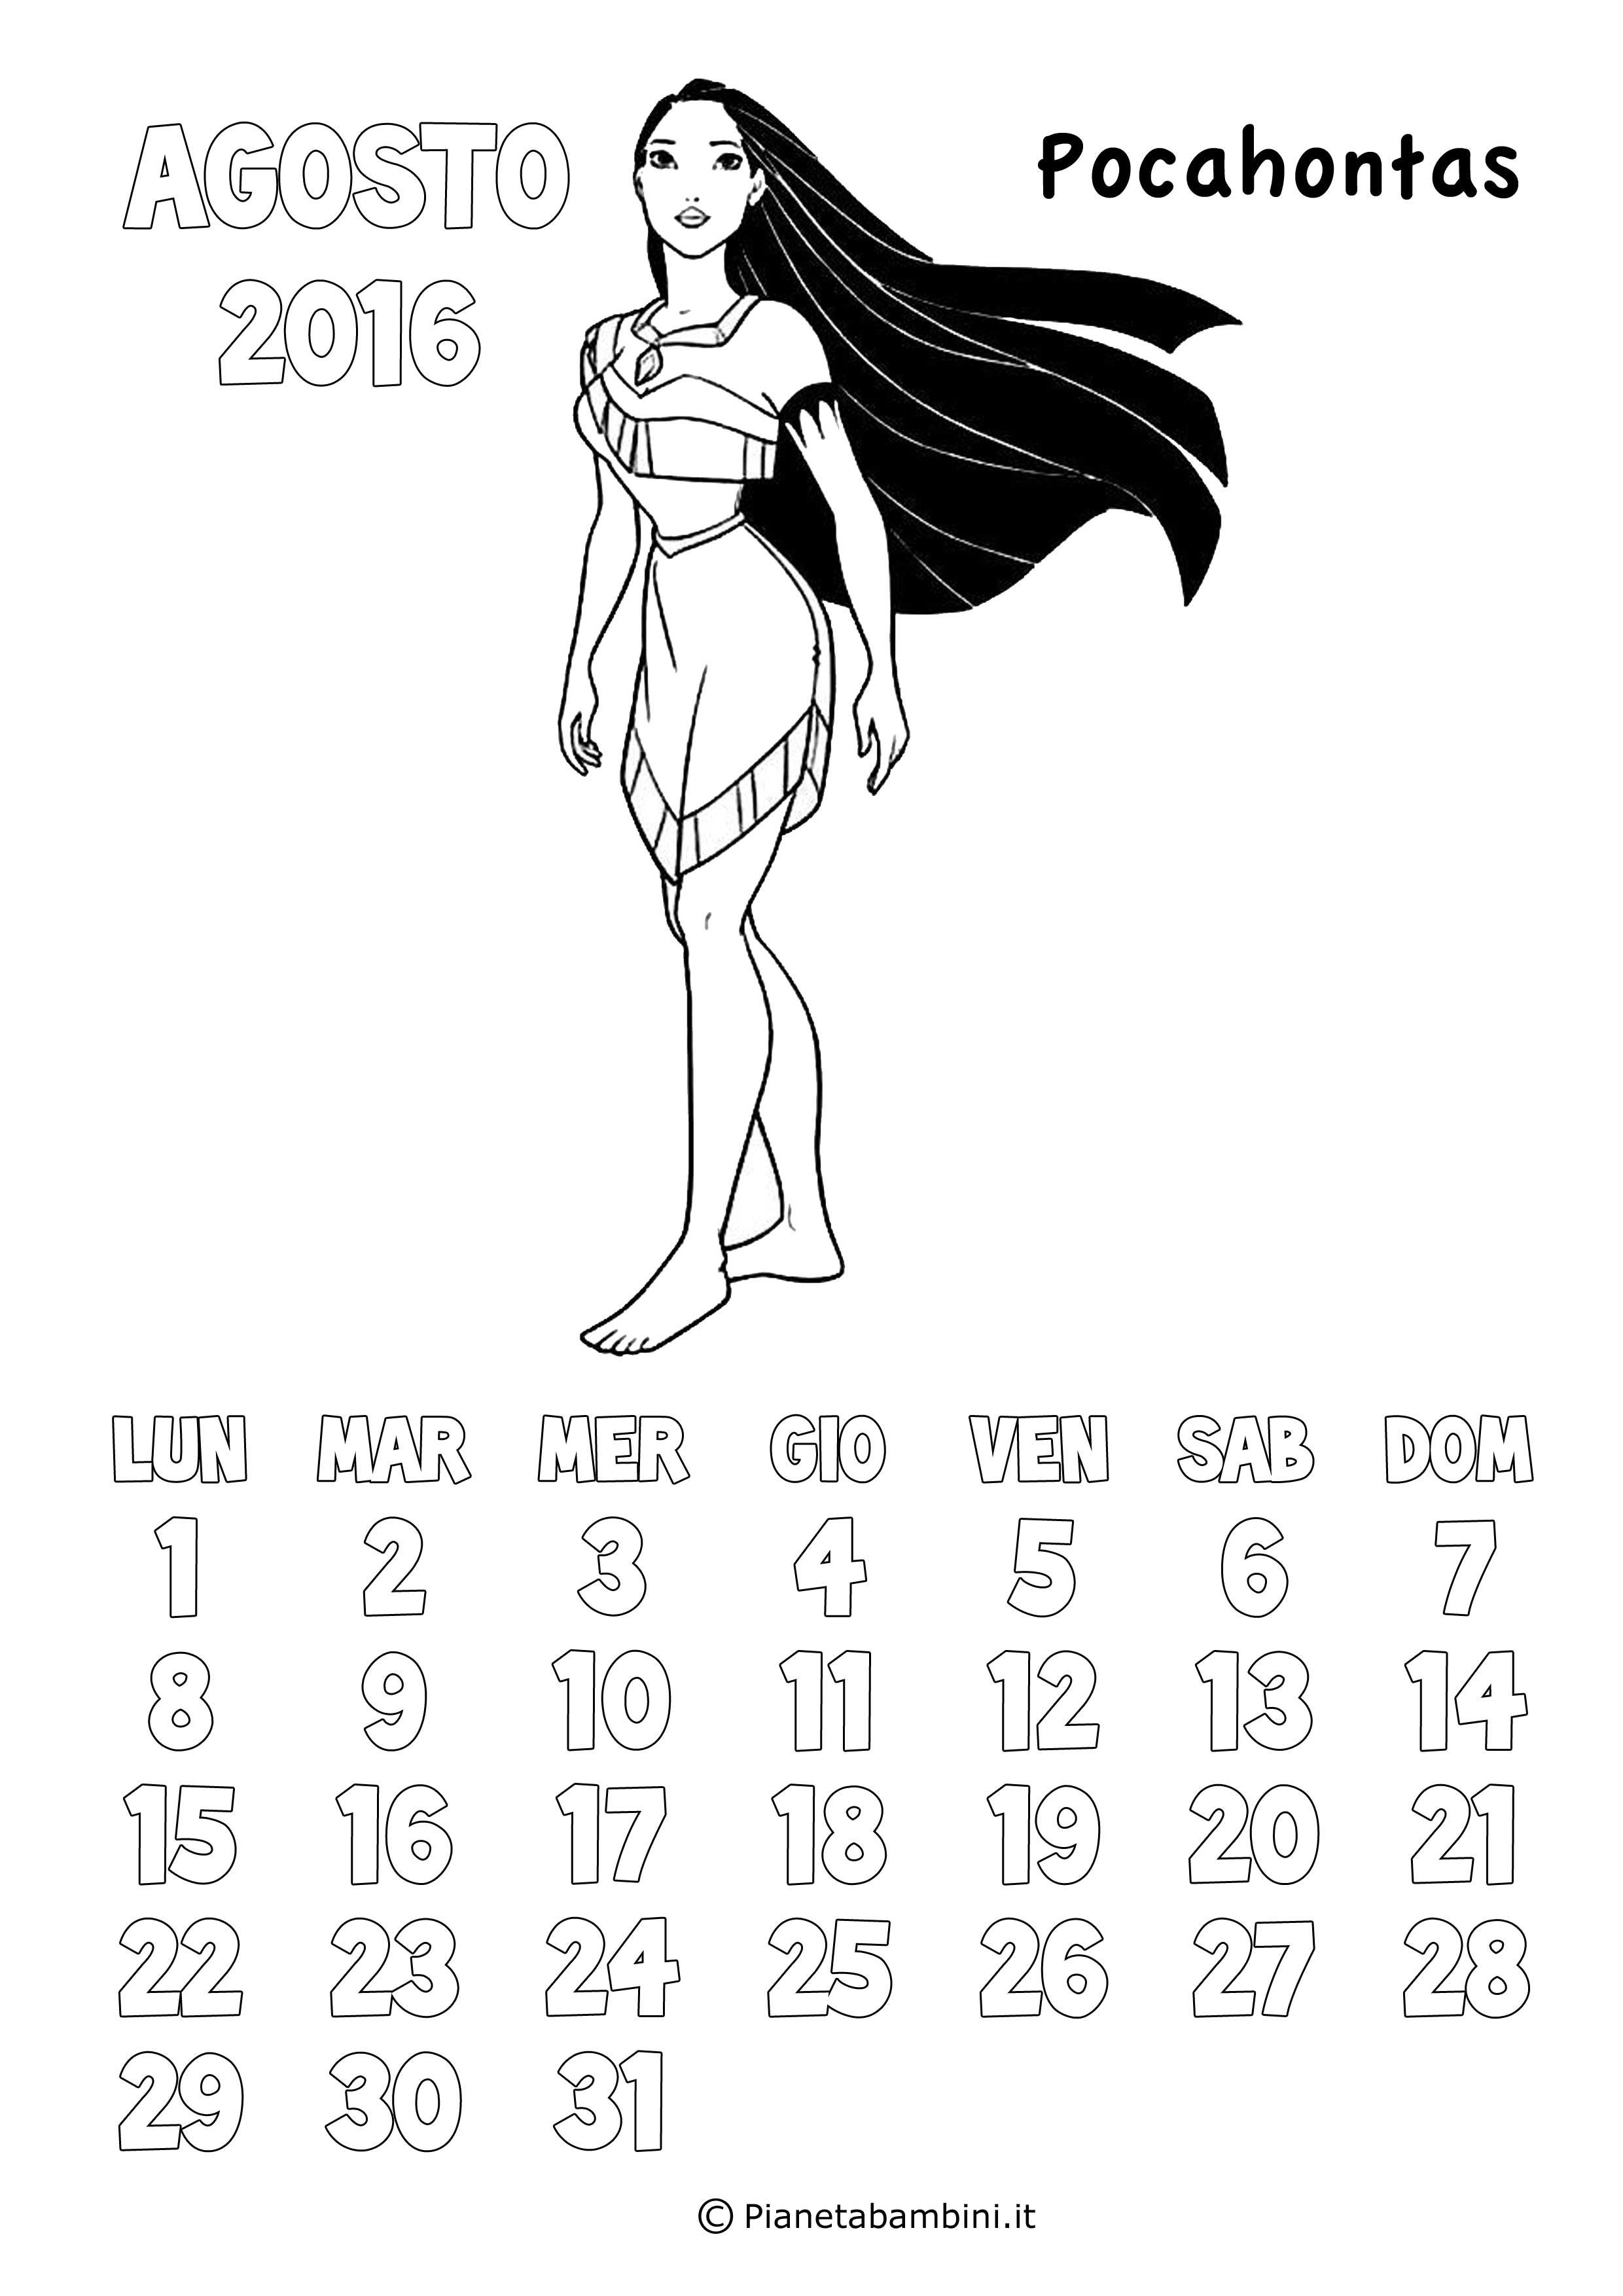 Agosto-2016-Pocahontas